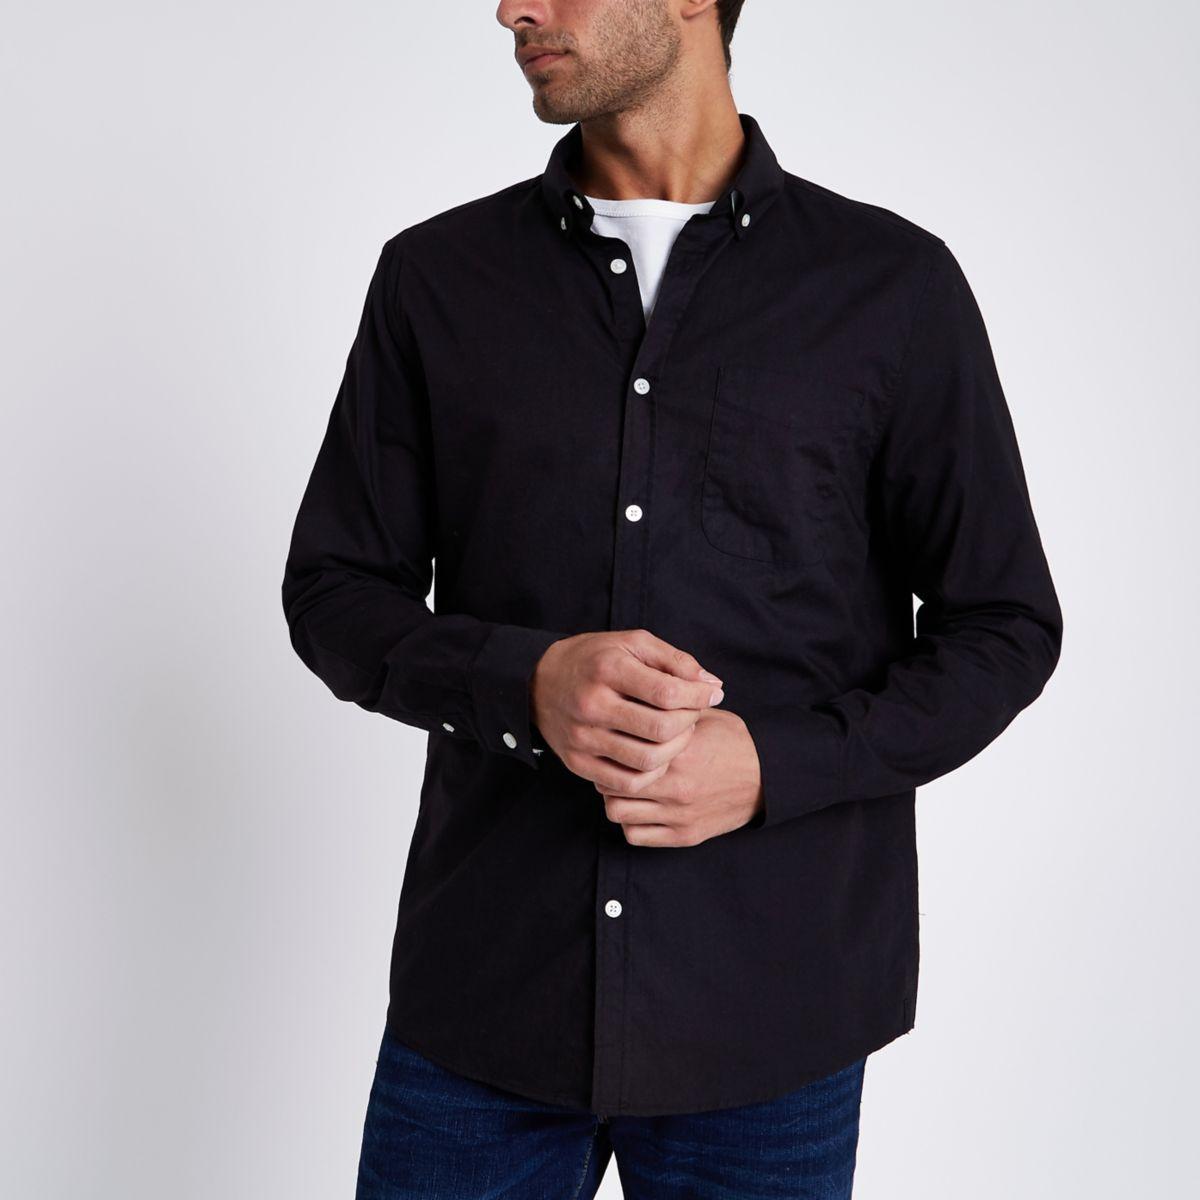 Schwarzes langärmeliges Oxford-Hemd